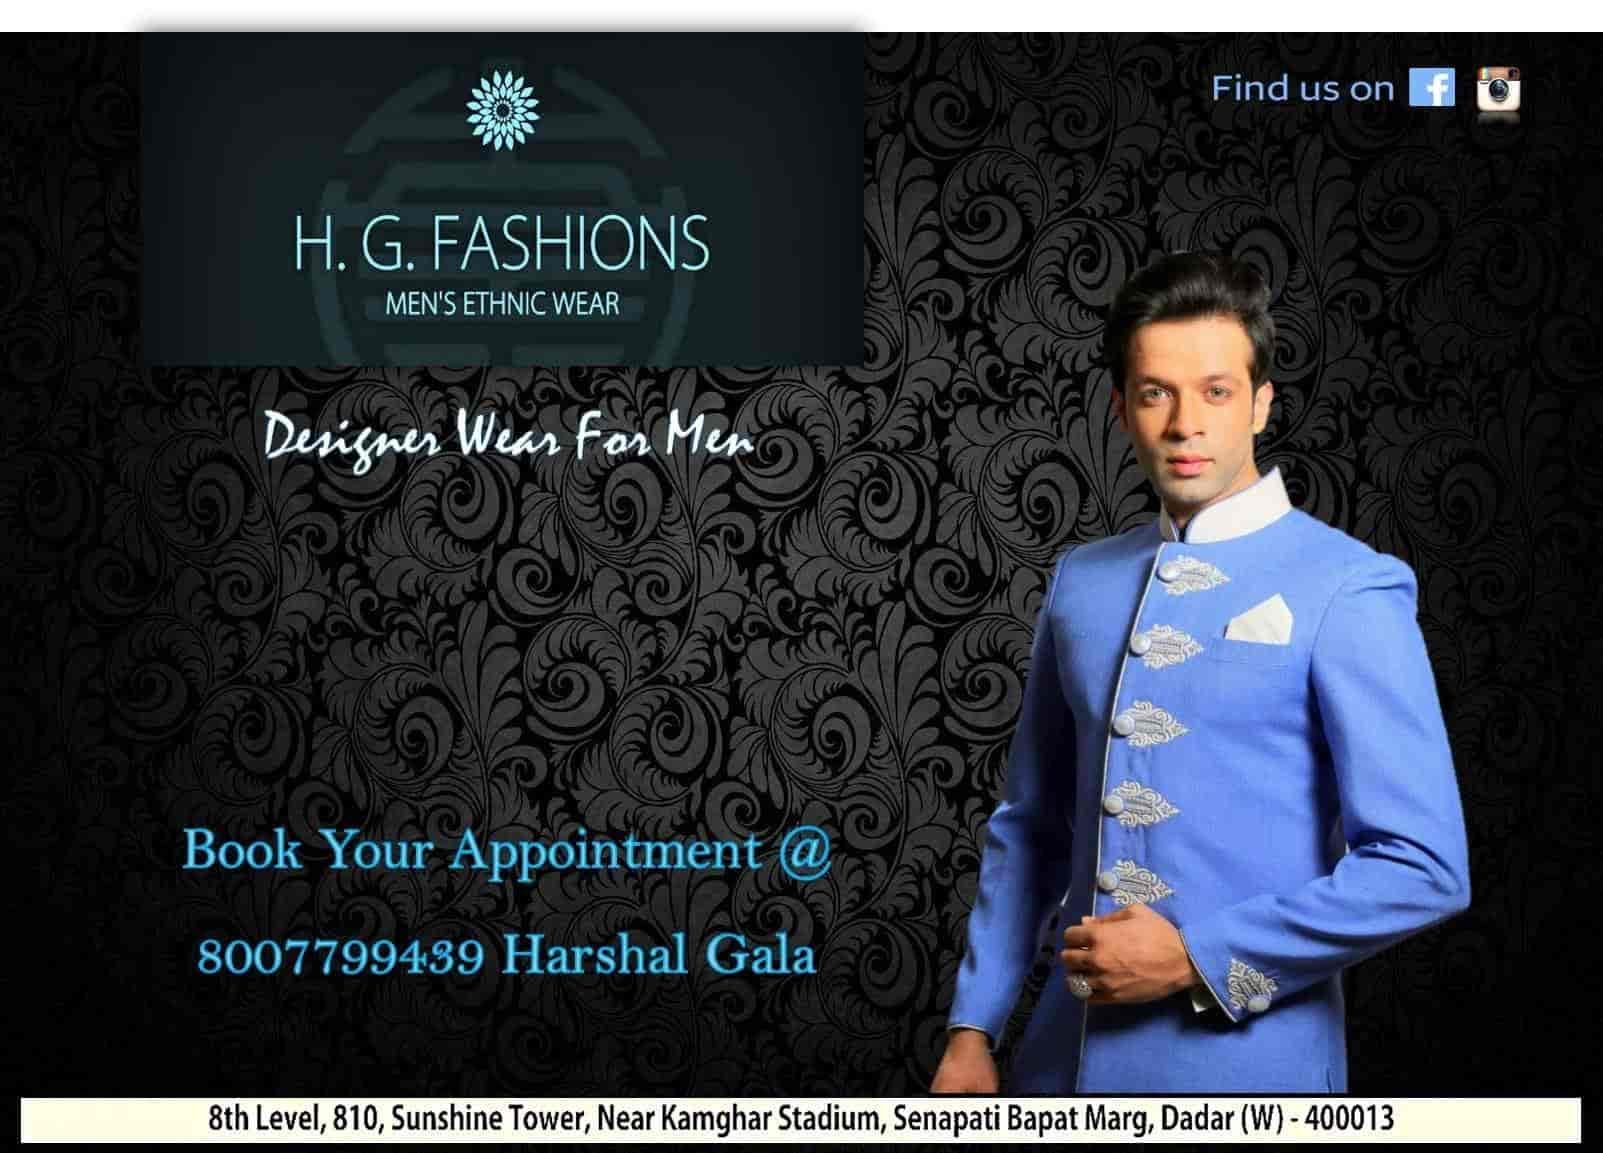 Top 10 Fashion Designers For Men Near Dadar Western Railway Station Dadar West Mumbai Best Mens Fashion Justdial